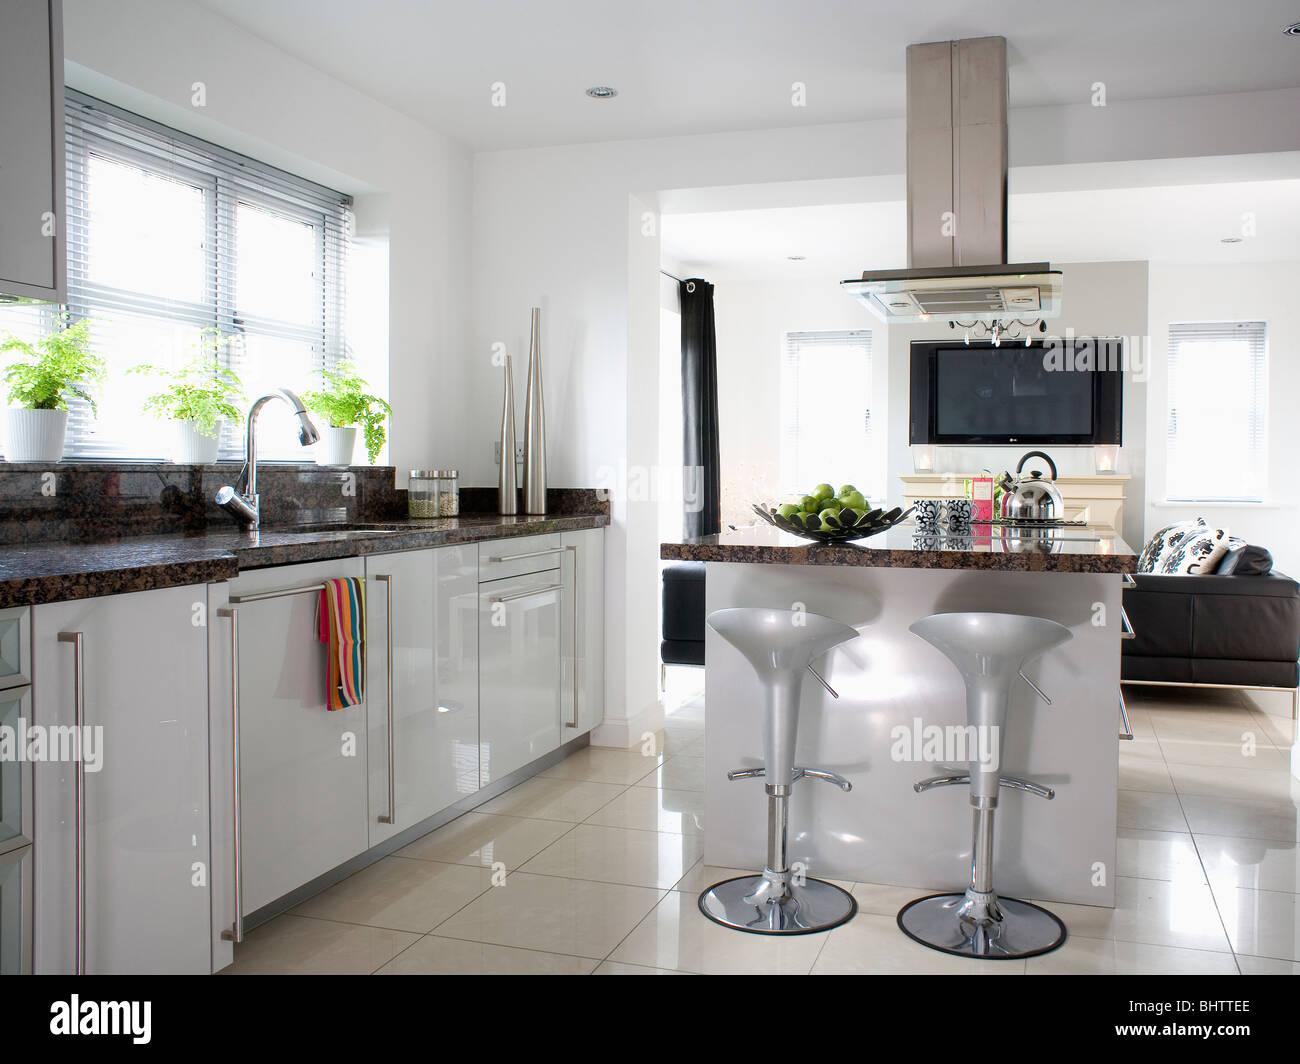 Metallic Grey Bombo Stools At Breakfast Bar On Island Unit In Modern White  Open Plan Kitchen